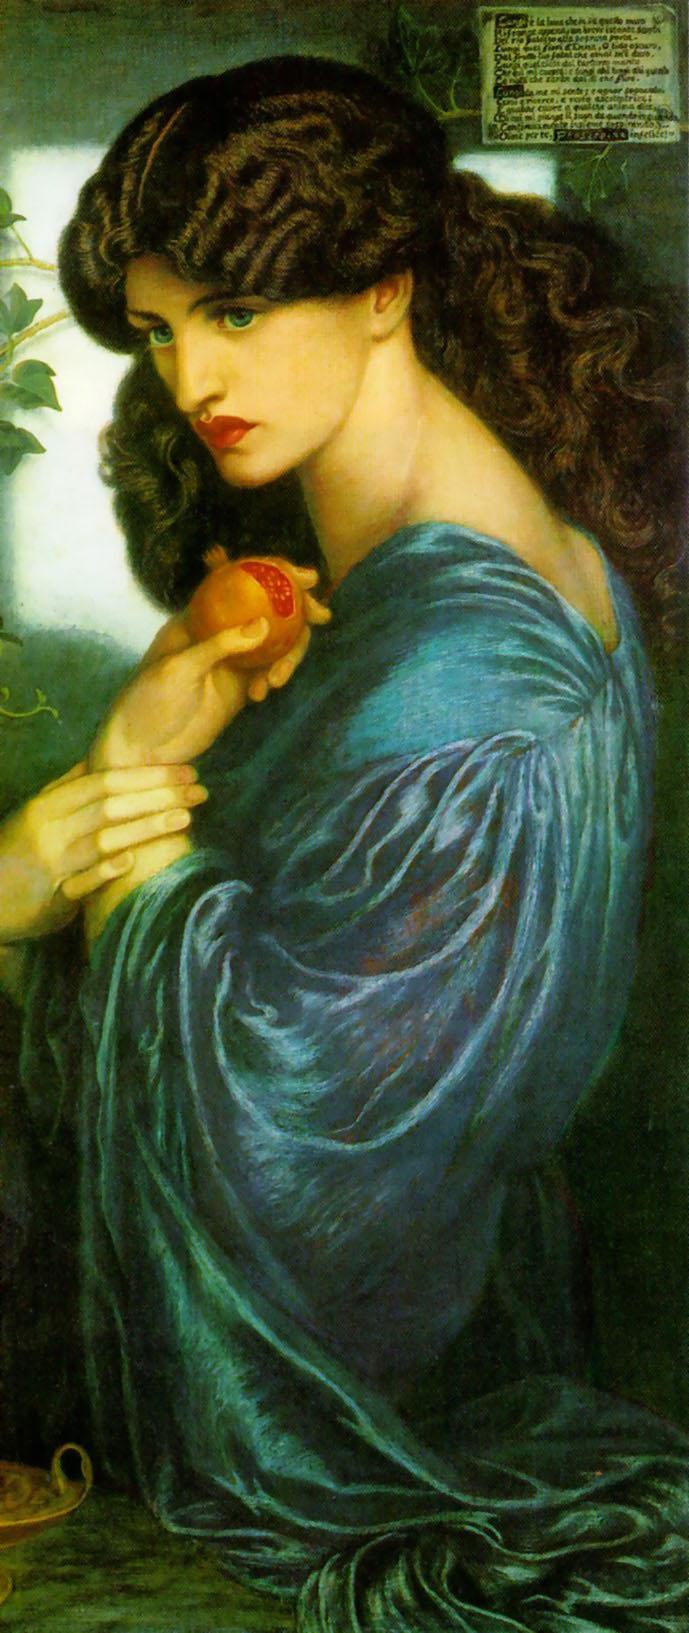 """""""Prosperpine"""" by Dante Gabriel Rossetti, 1874"""